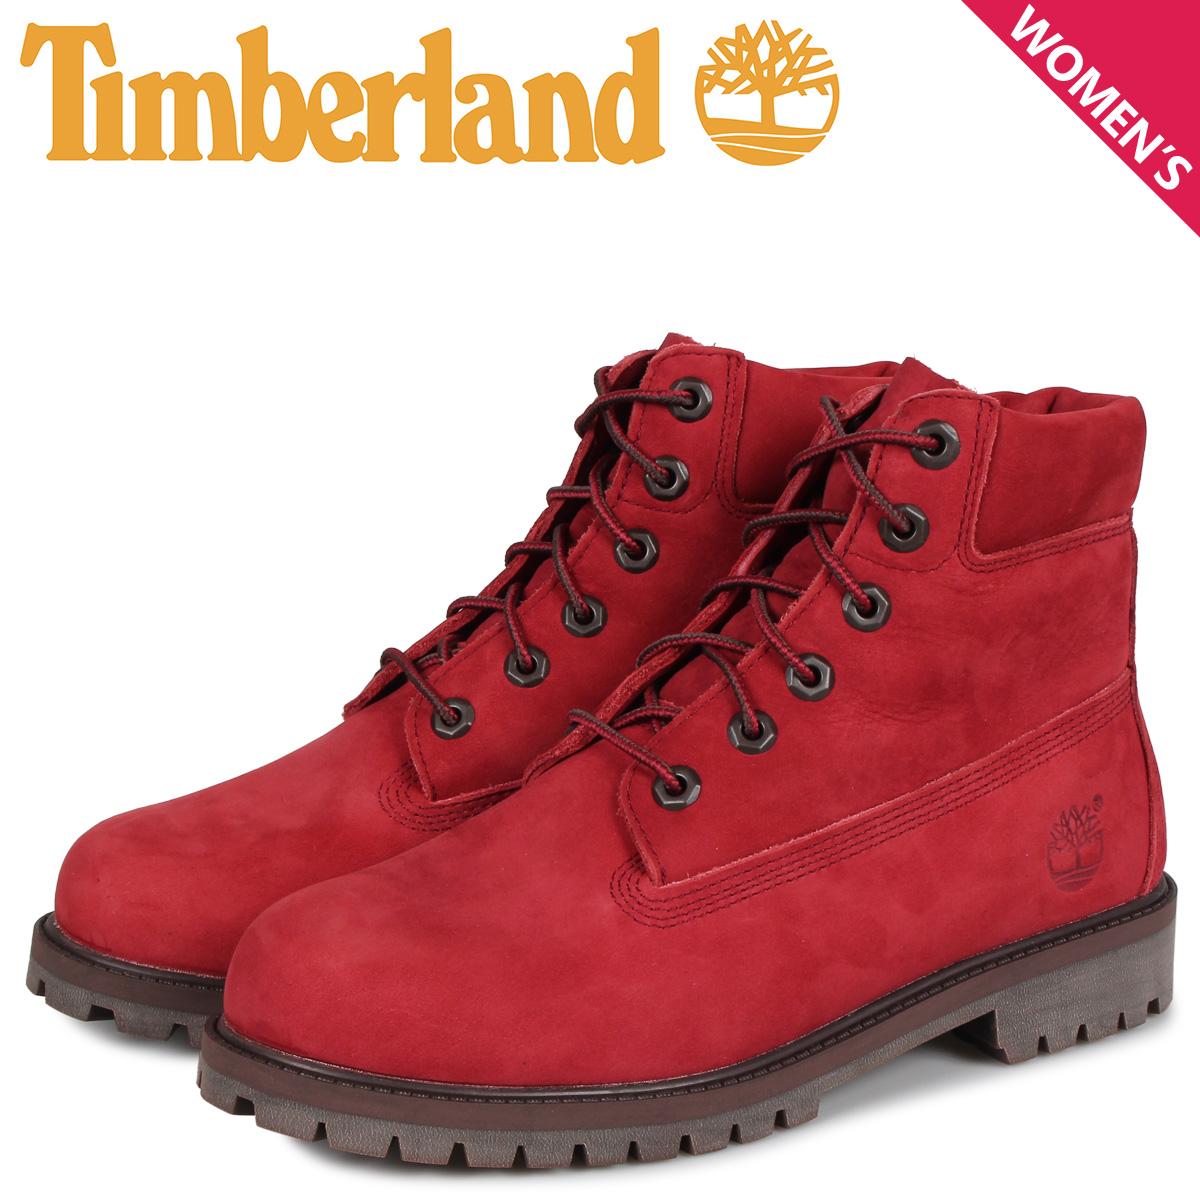 ティンバーランド Timberland ブーツ レディース 6インチ プレミアム JUNIOR 6INCH PREMIUM WATERPROOF ダーク レッド A2954